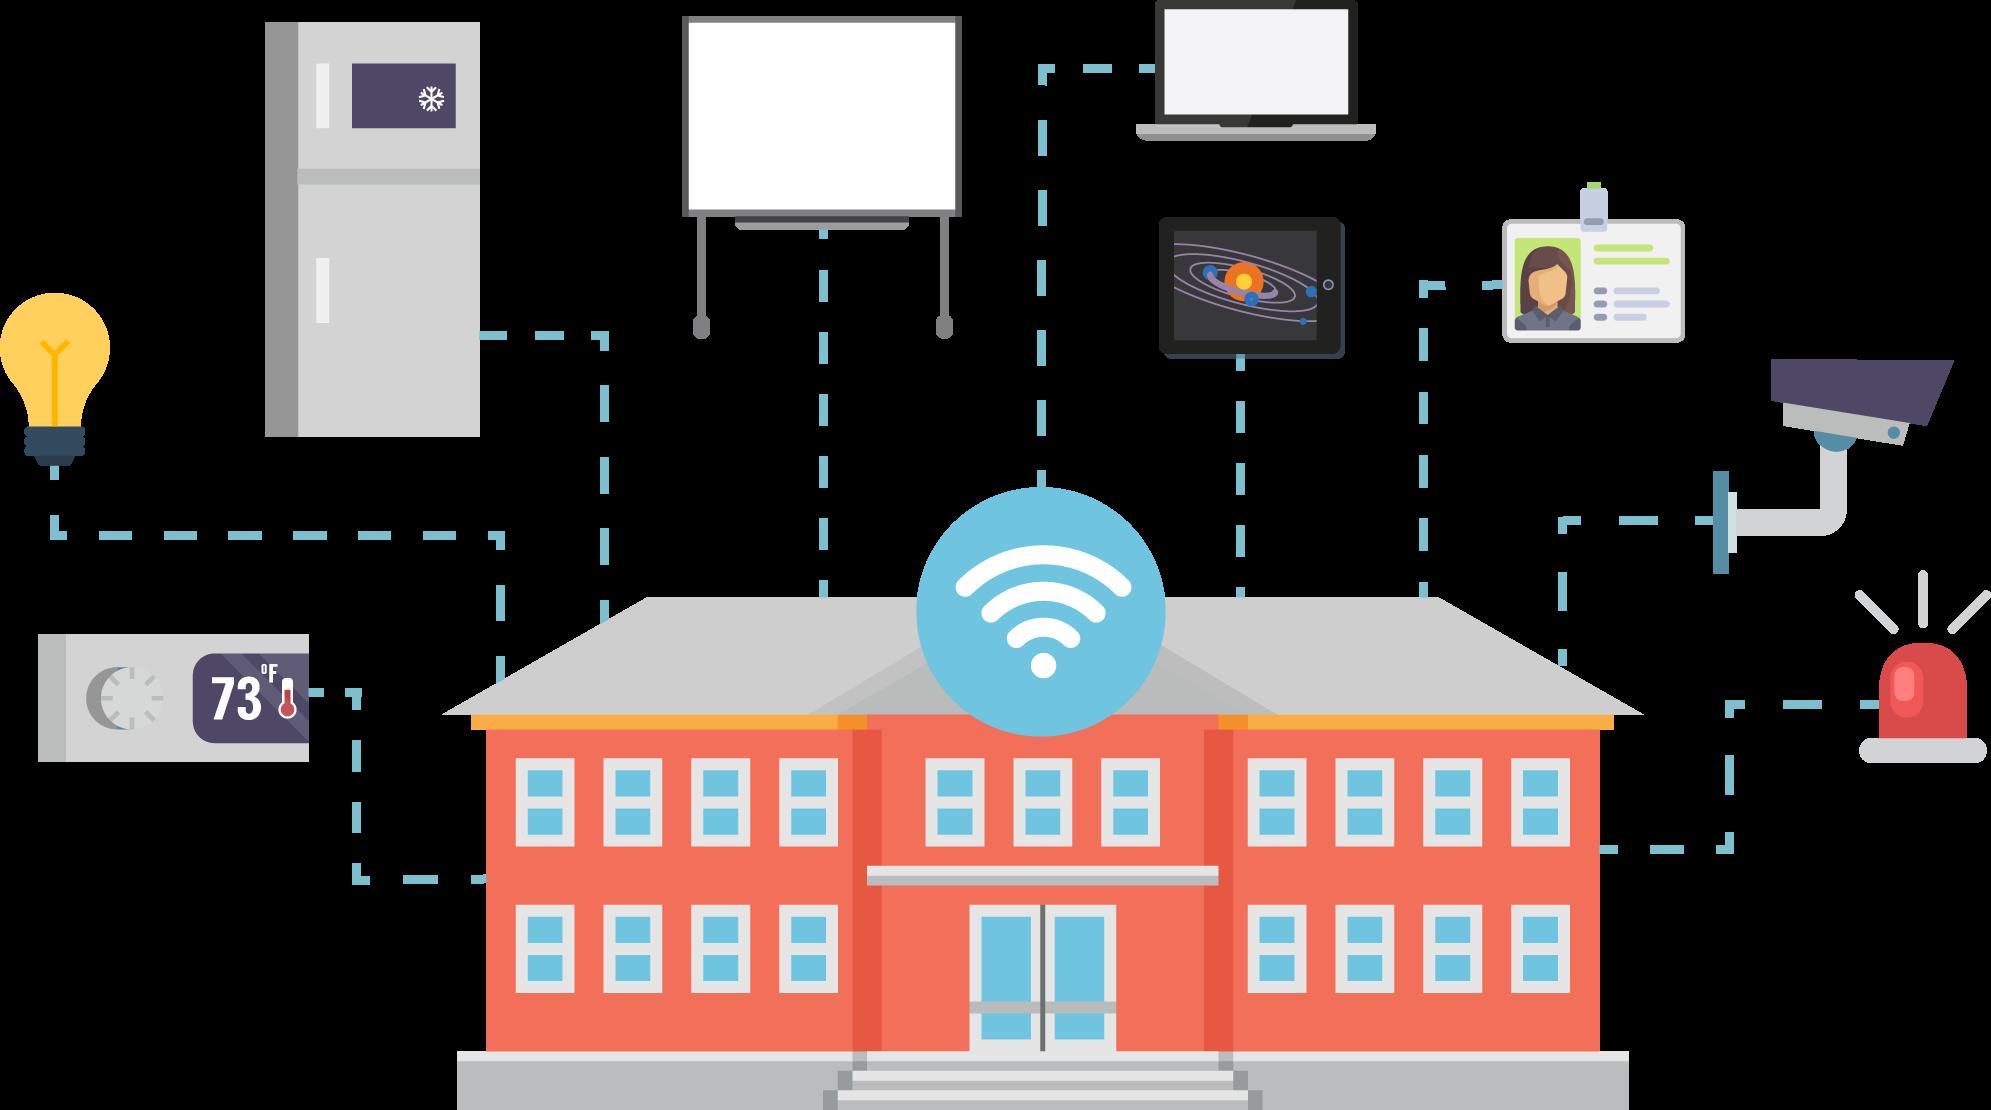 School IoT Graphic